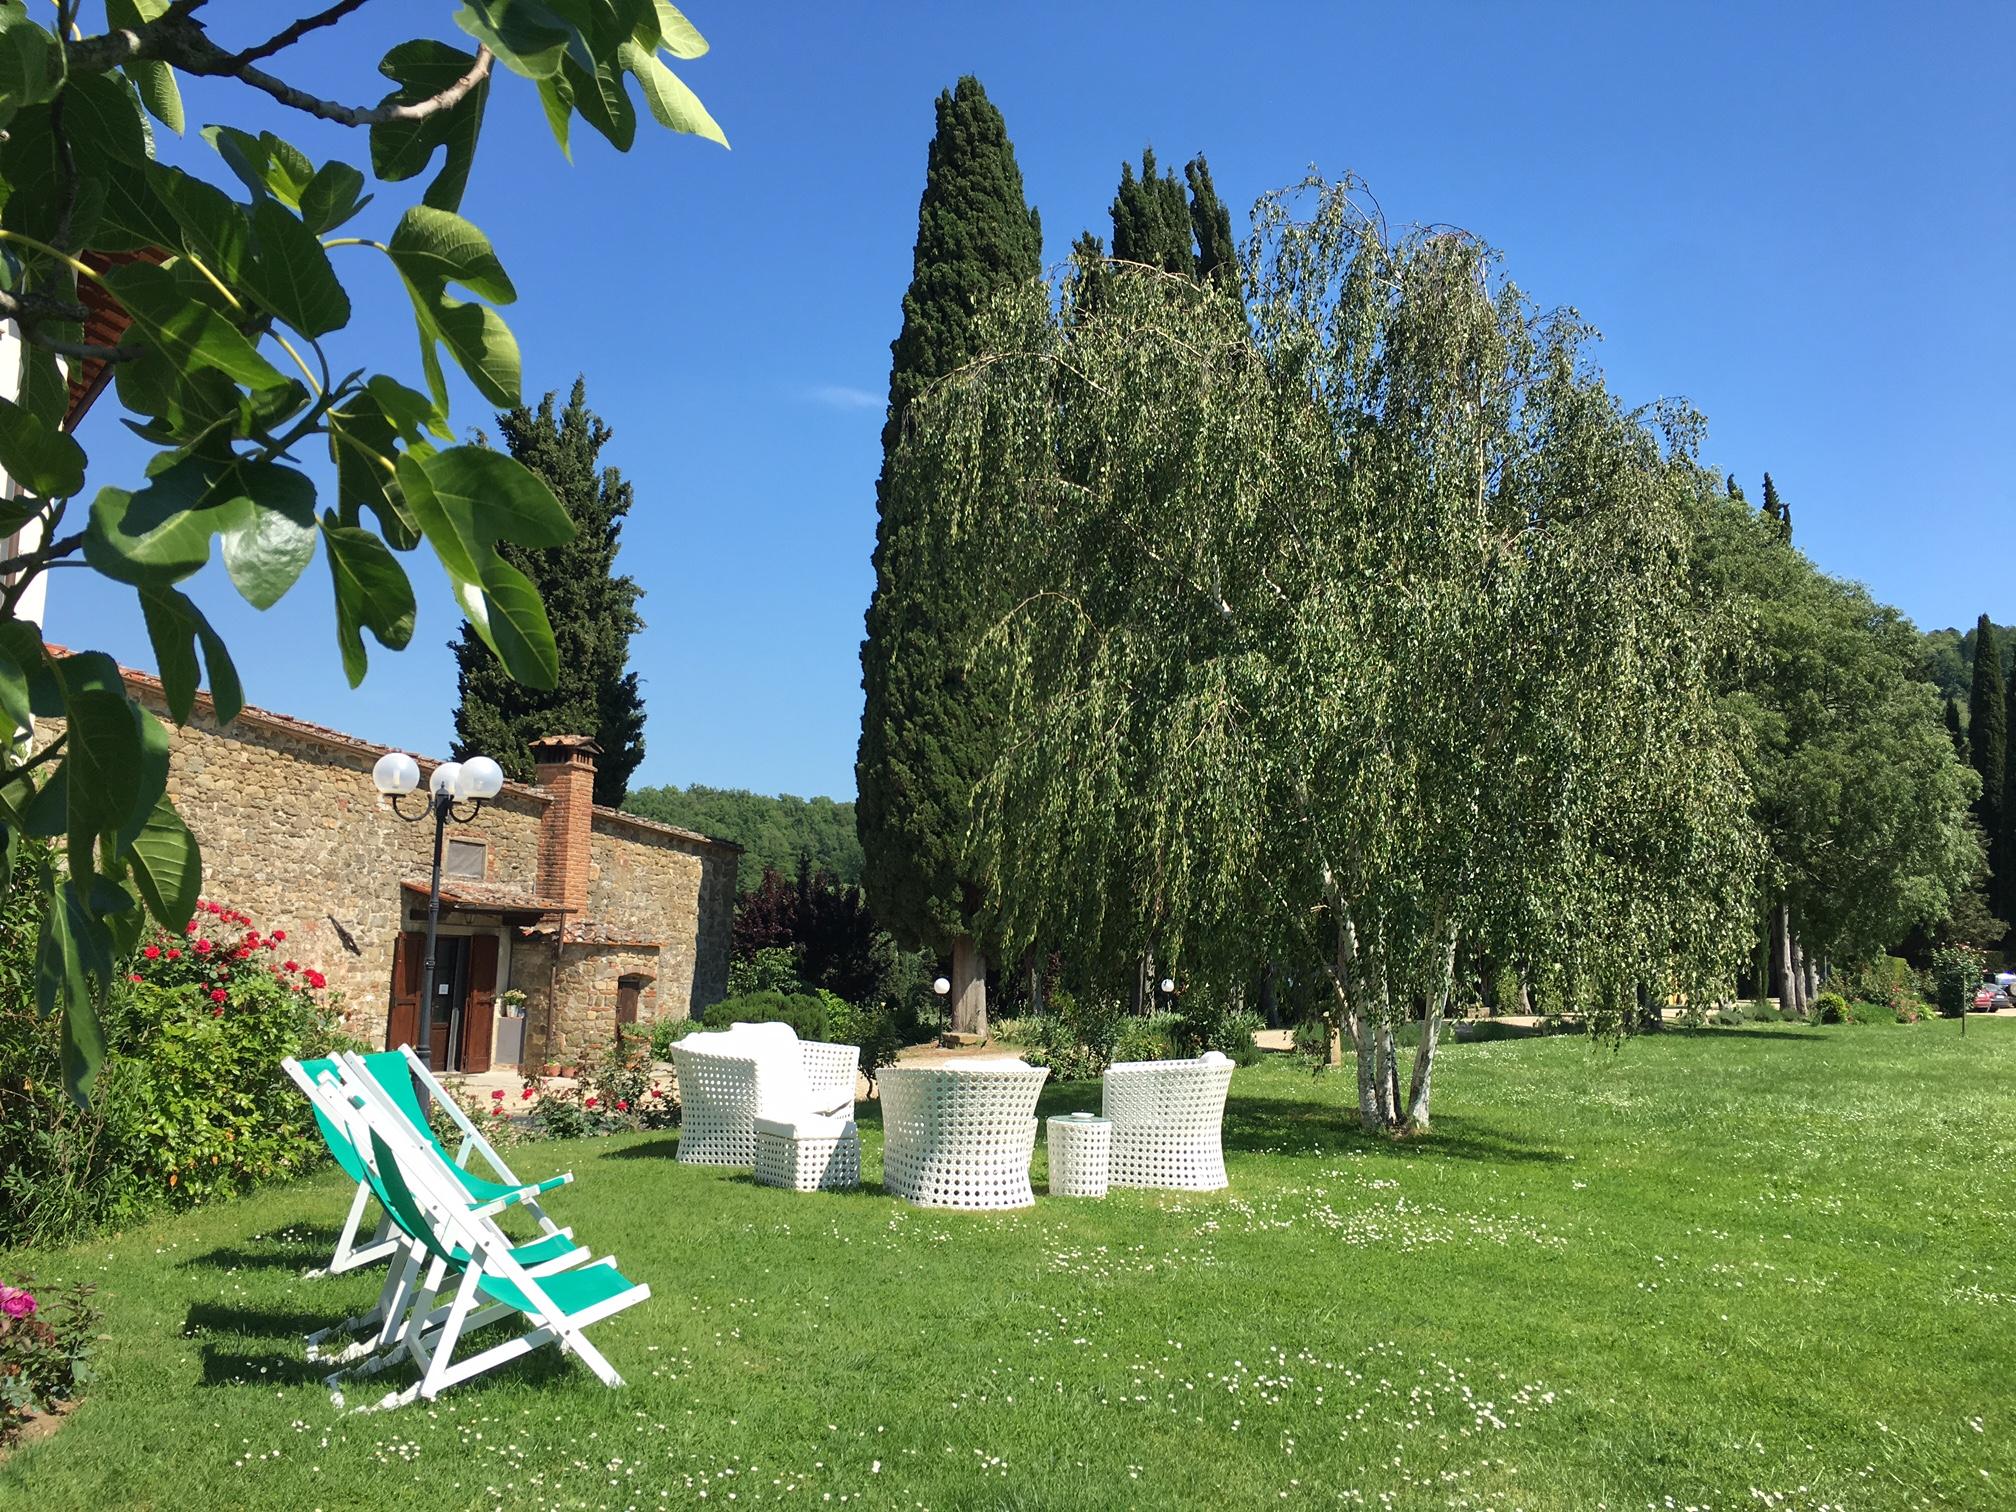 I migliori posti da visitare in Toscana a Pasqua e in Primavera di Villa Campestri Olive Oil Resort